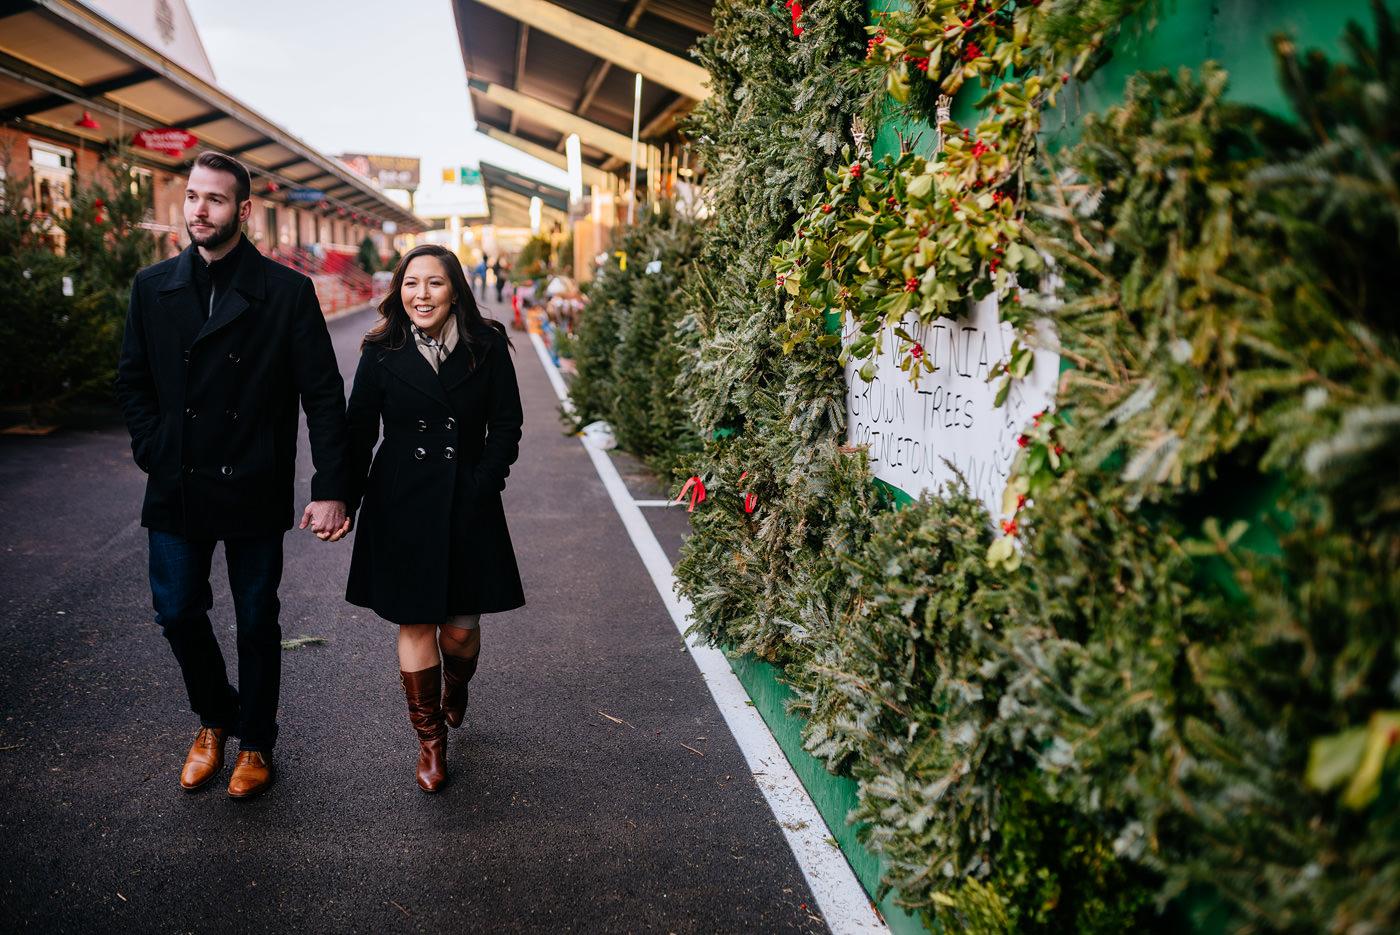 capitol market charleston wv christmastime engagement photos